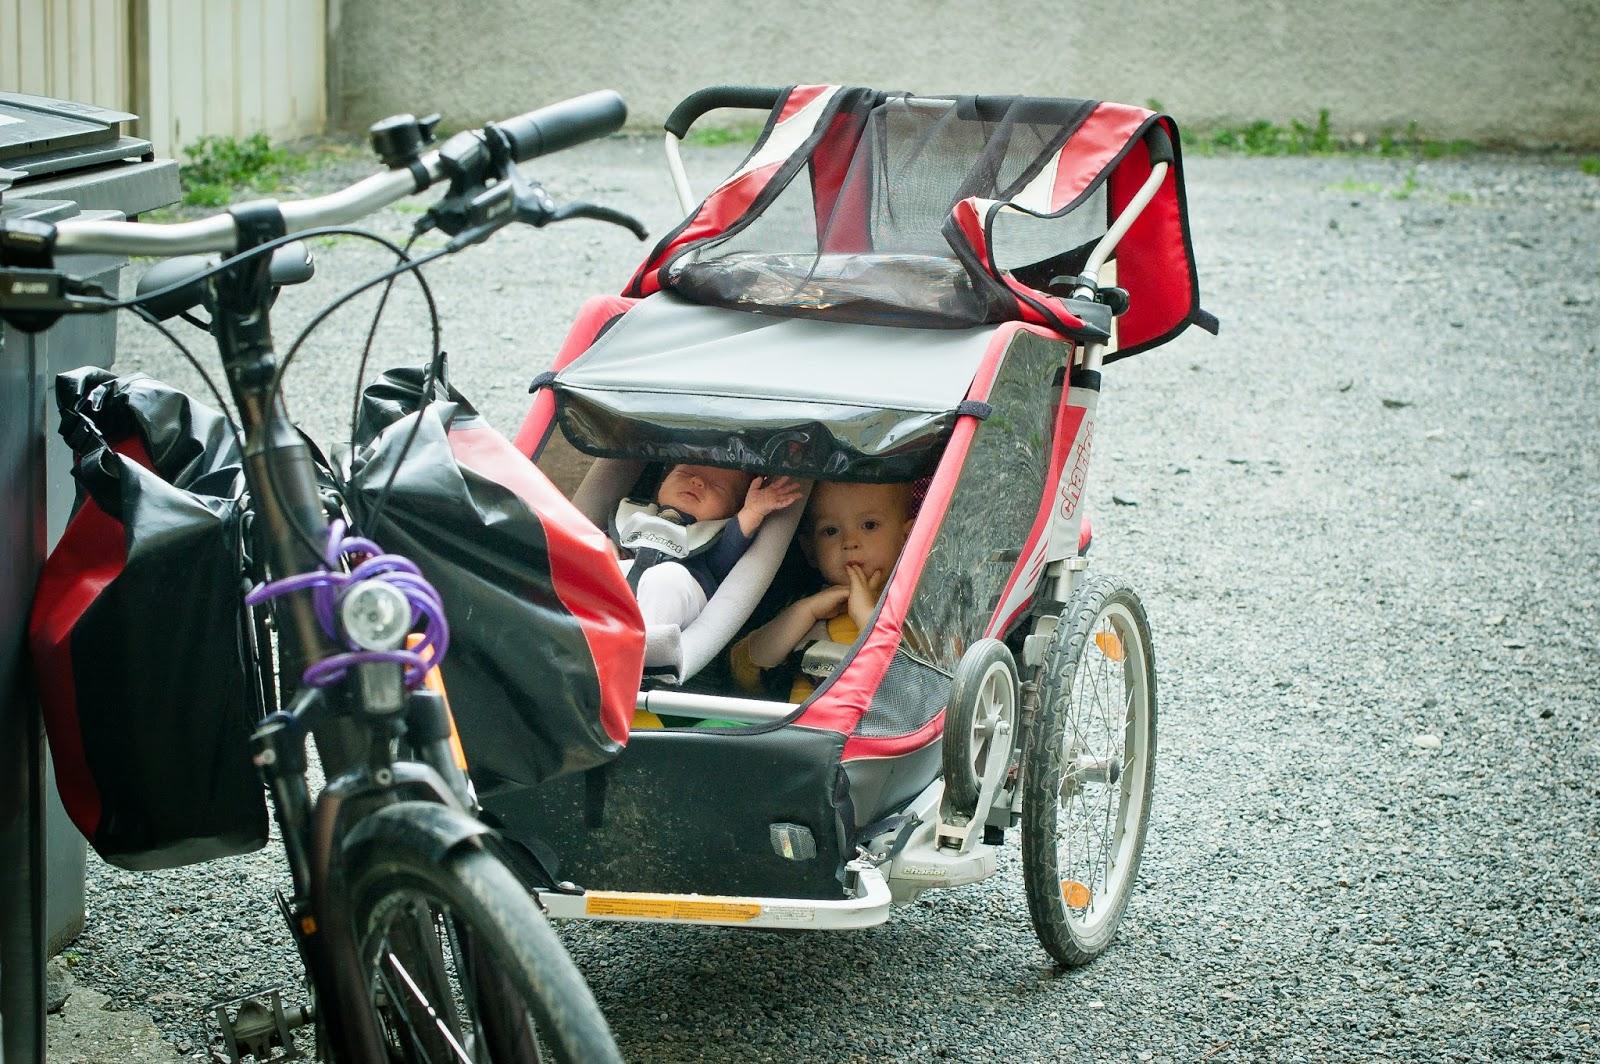 dziecko na rowerze, przyczepki na rower